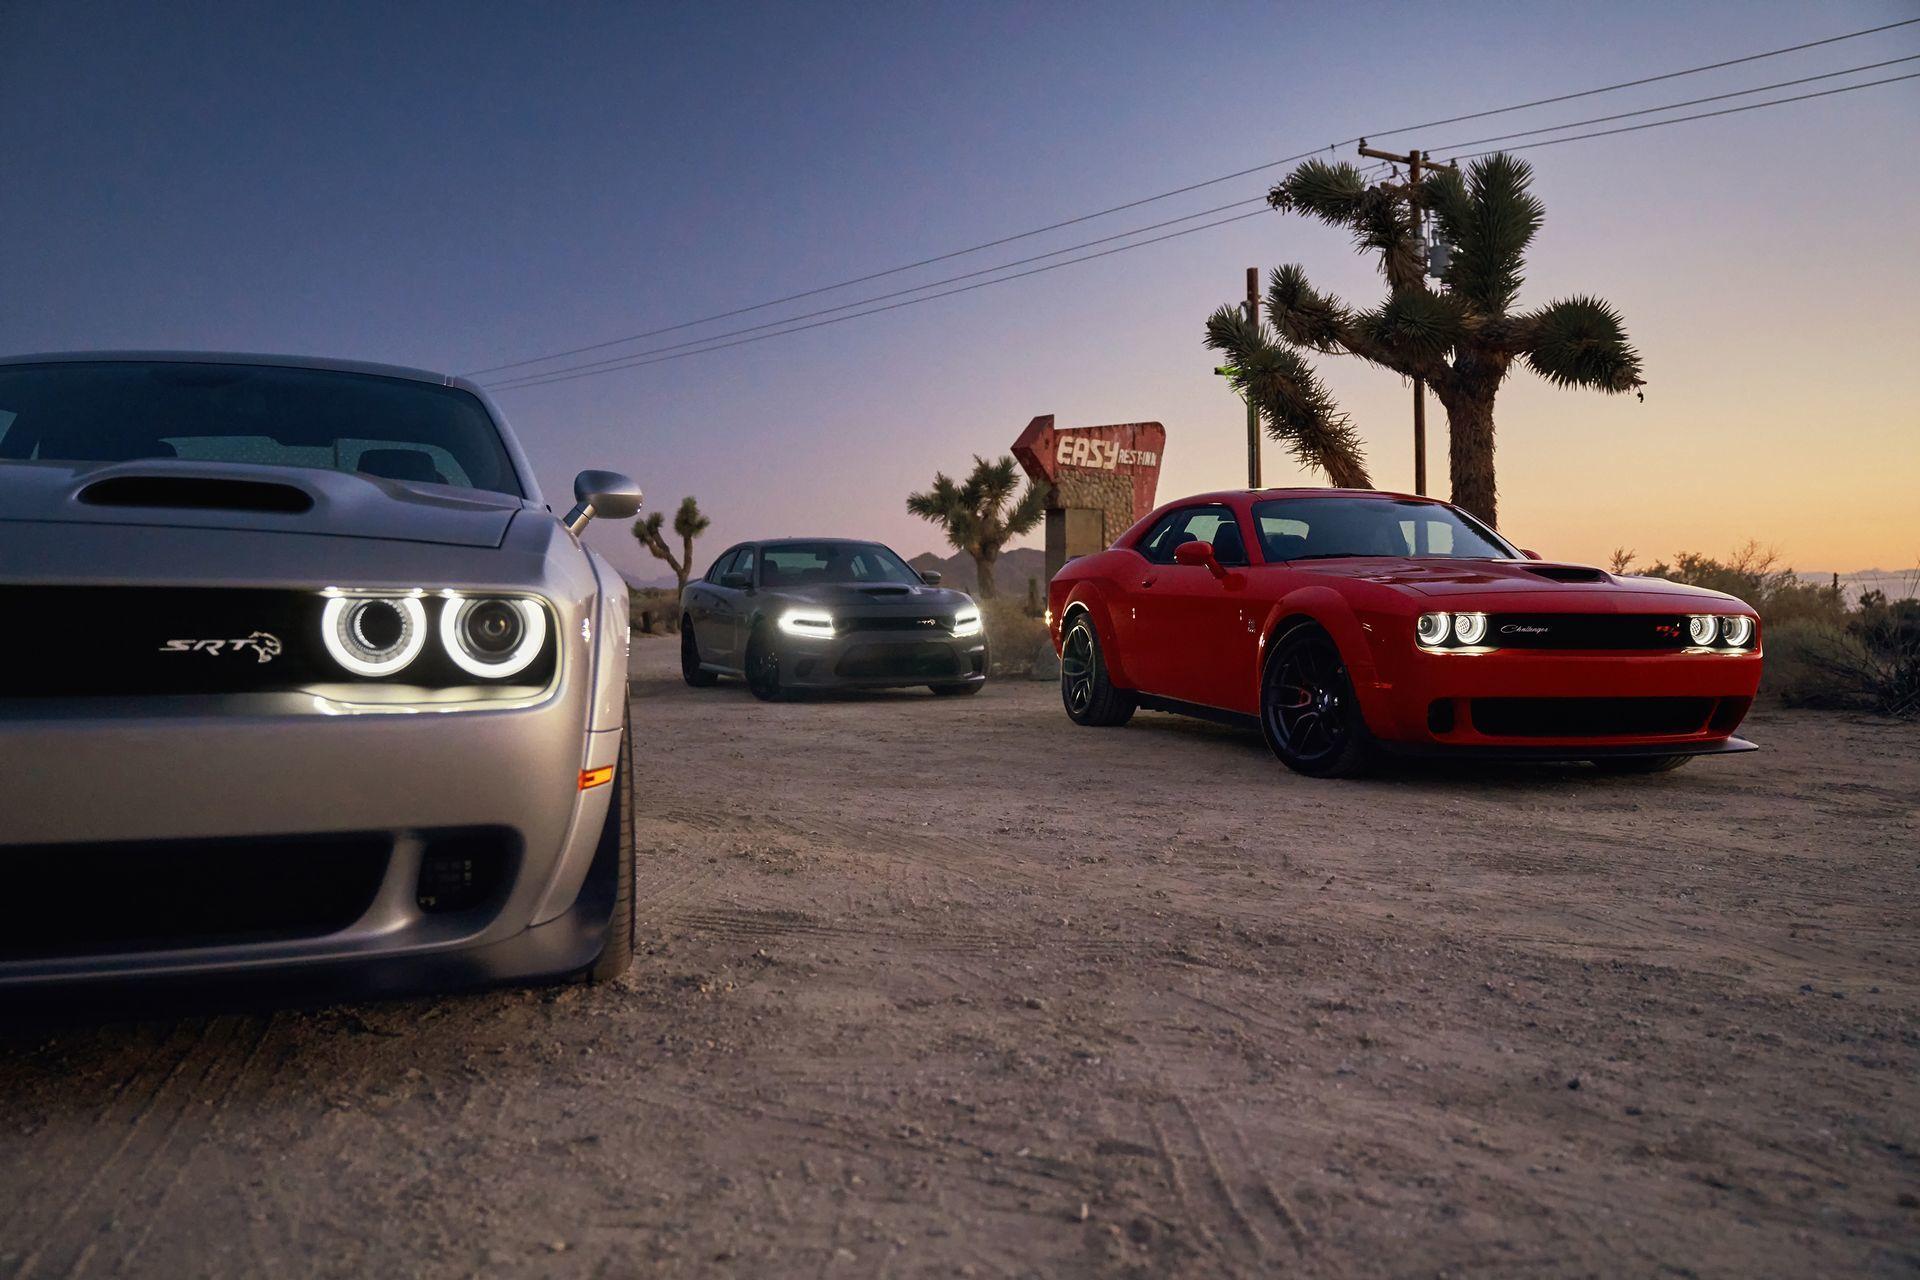 Satan Es Mi Senor Saludad Al Dodge Challenger Srt Hellcat Redeye Y Sus 808 Cv De Furia Concentrada Diariomotor